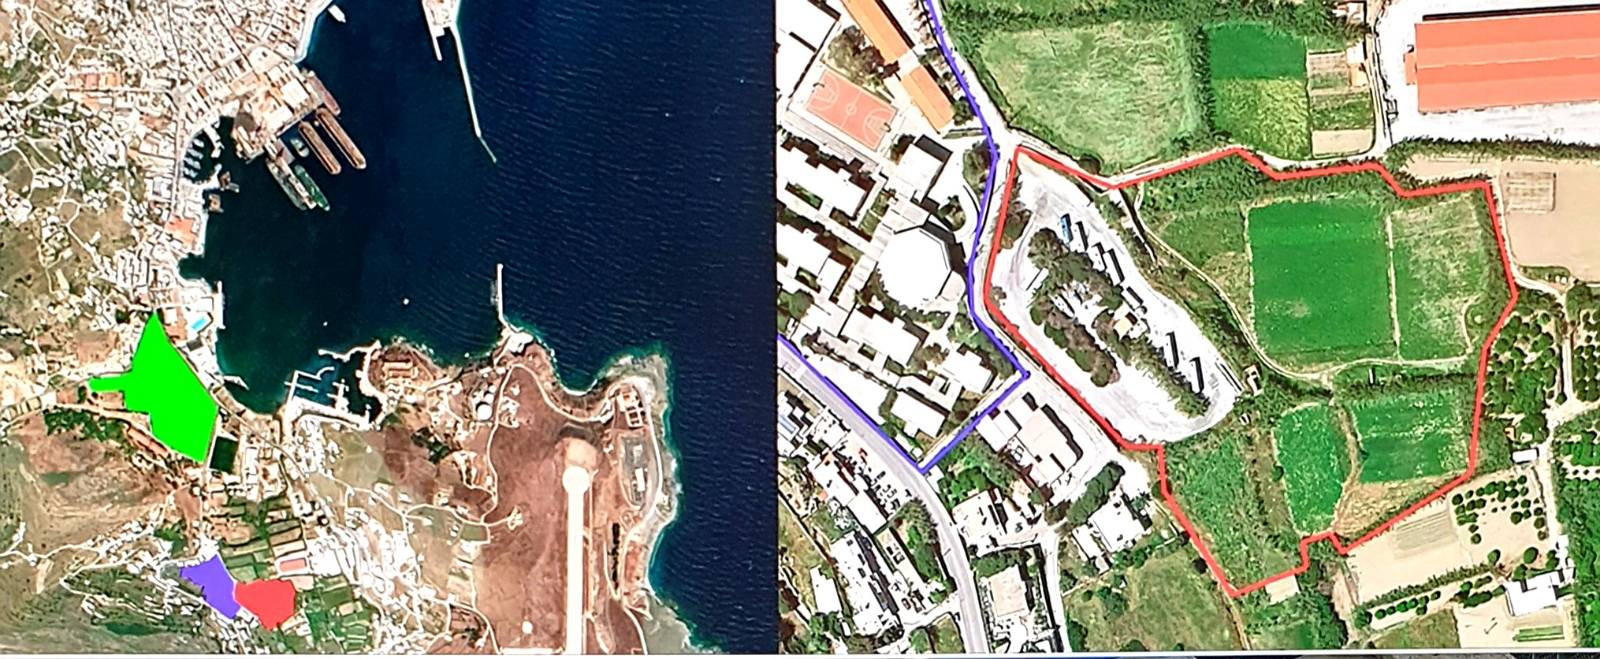 Σε τροχιά υλοποίησης η κατασκευή Συνεδριακού και Αθλητικού Κέντρου στη Σύρο